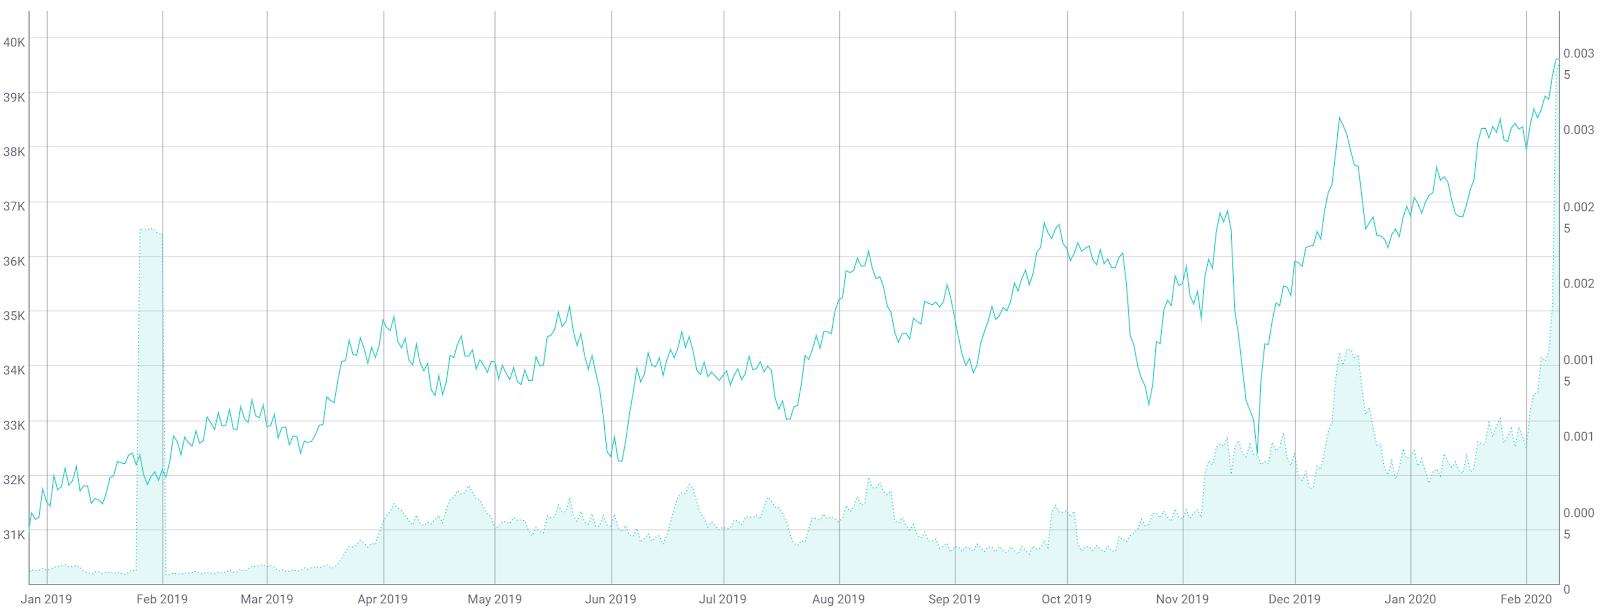 Tezos Price Analysis 12 Feb 2020 (6)